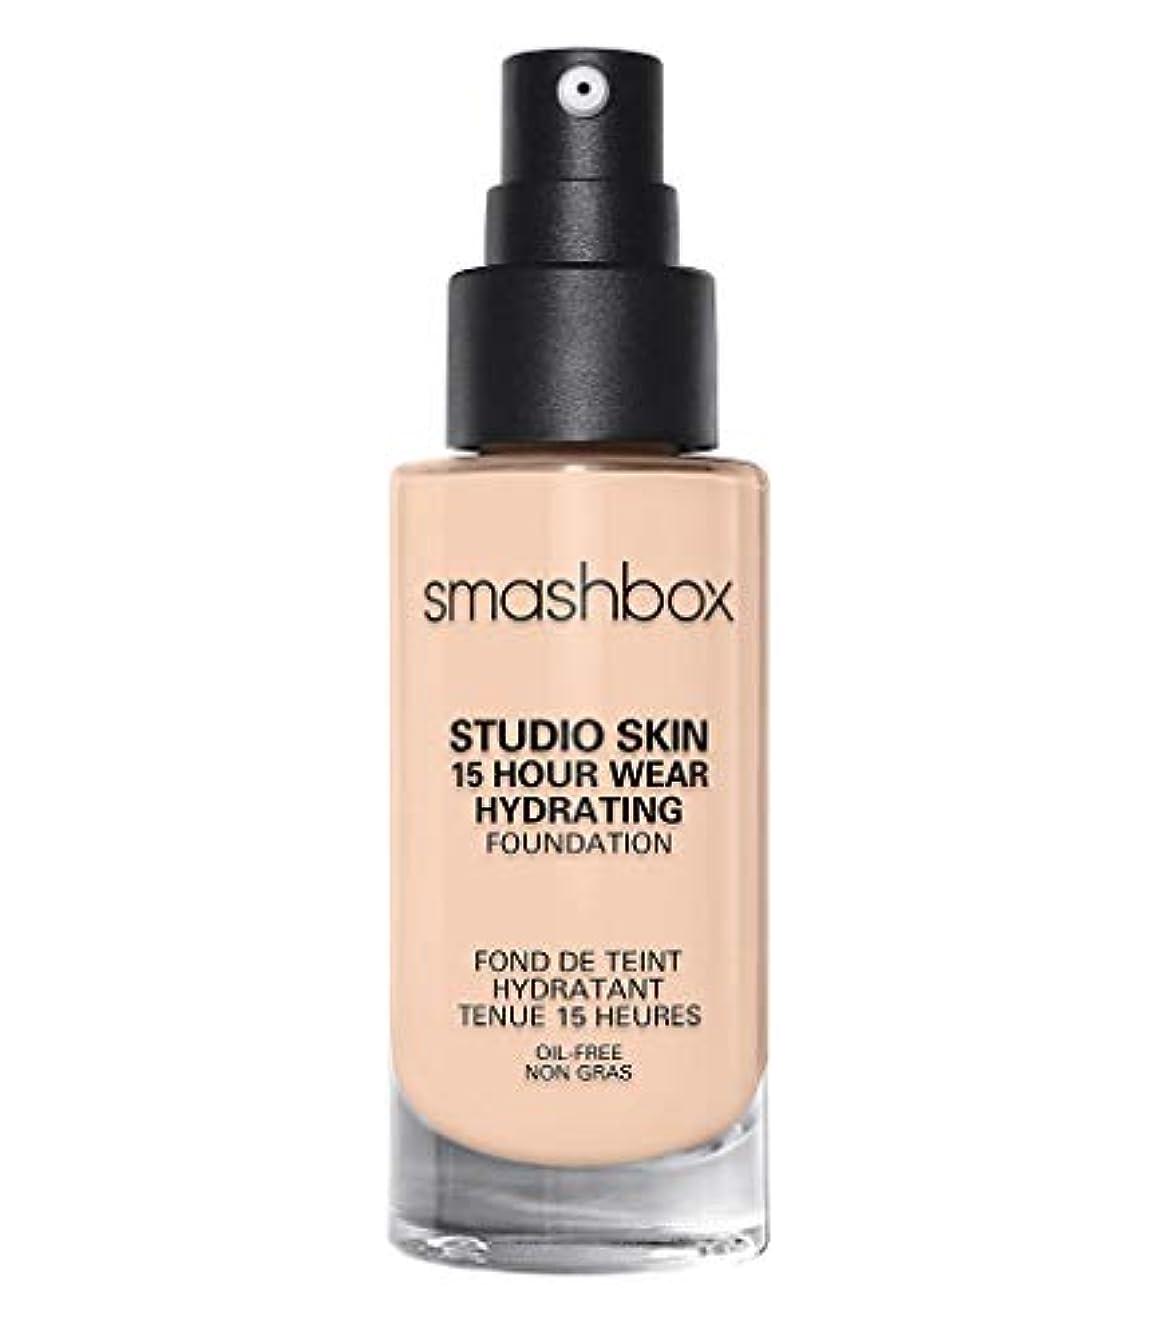 取り囲むプレゼント破壊するスマッシュボックス Studio Skin 15 Hour Wear Hydrating Foundation - # 0.3 Fair With Neutral Undertone 30ml/1oz並行輸入品